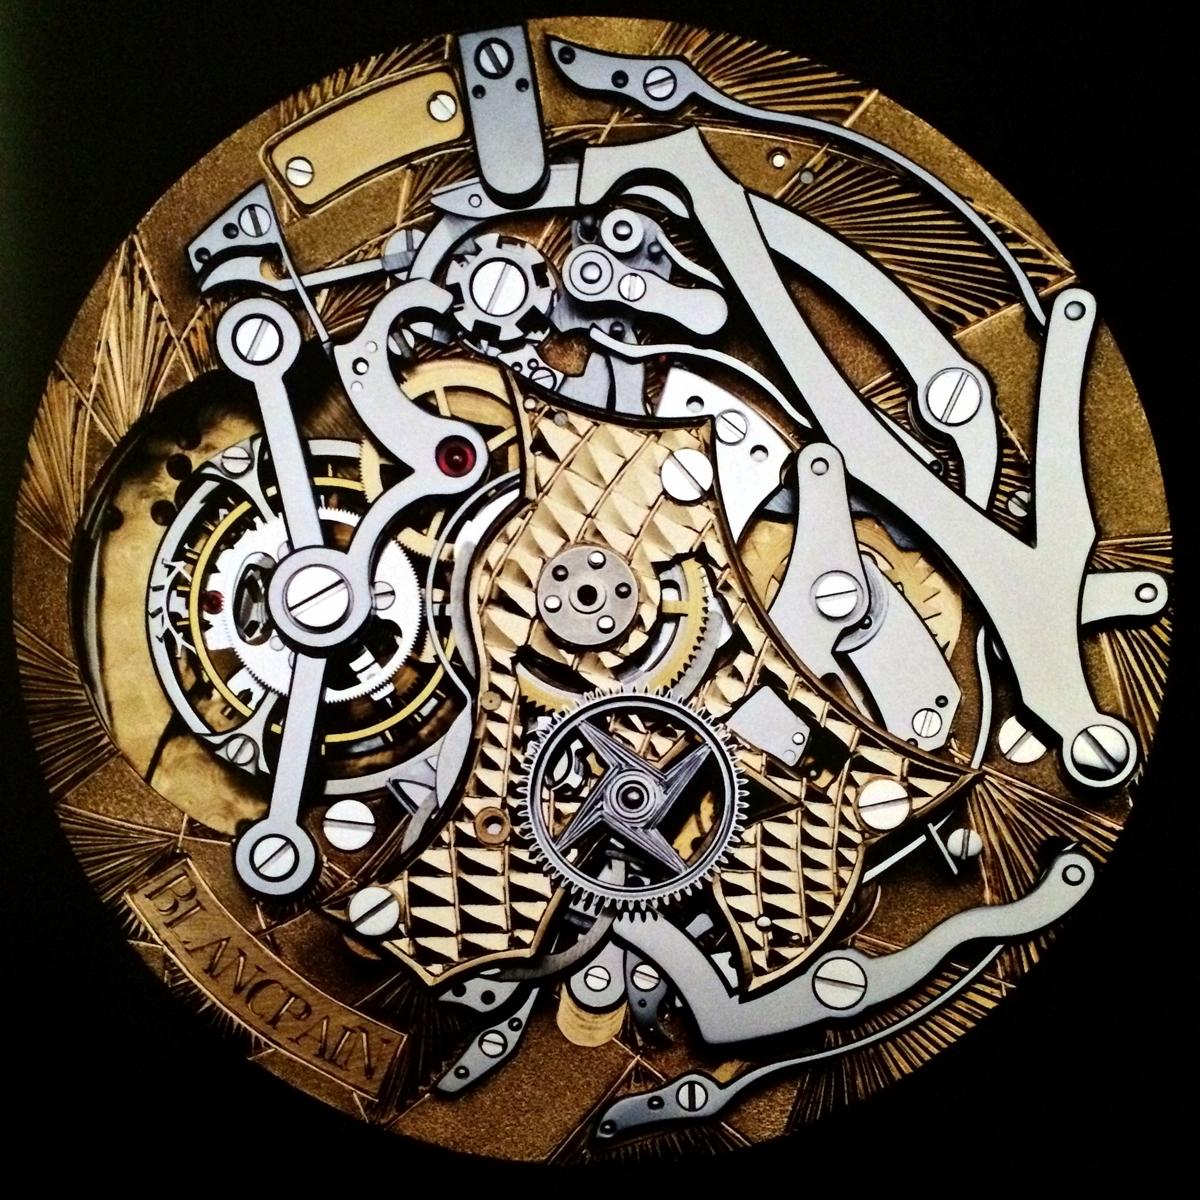 17 luxurious_watch_design_clockworks_construction_luksusowe_zegarki_mechanizm_projektowanie_lifestyle